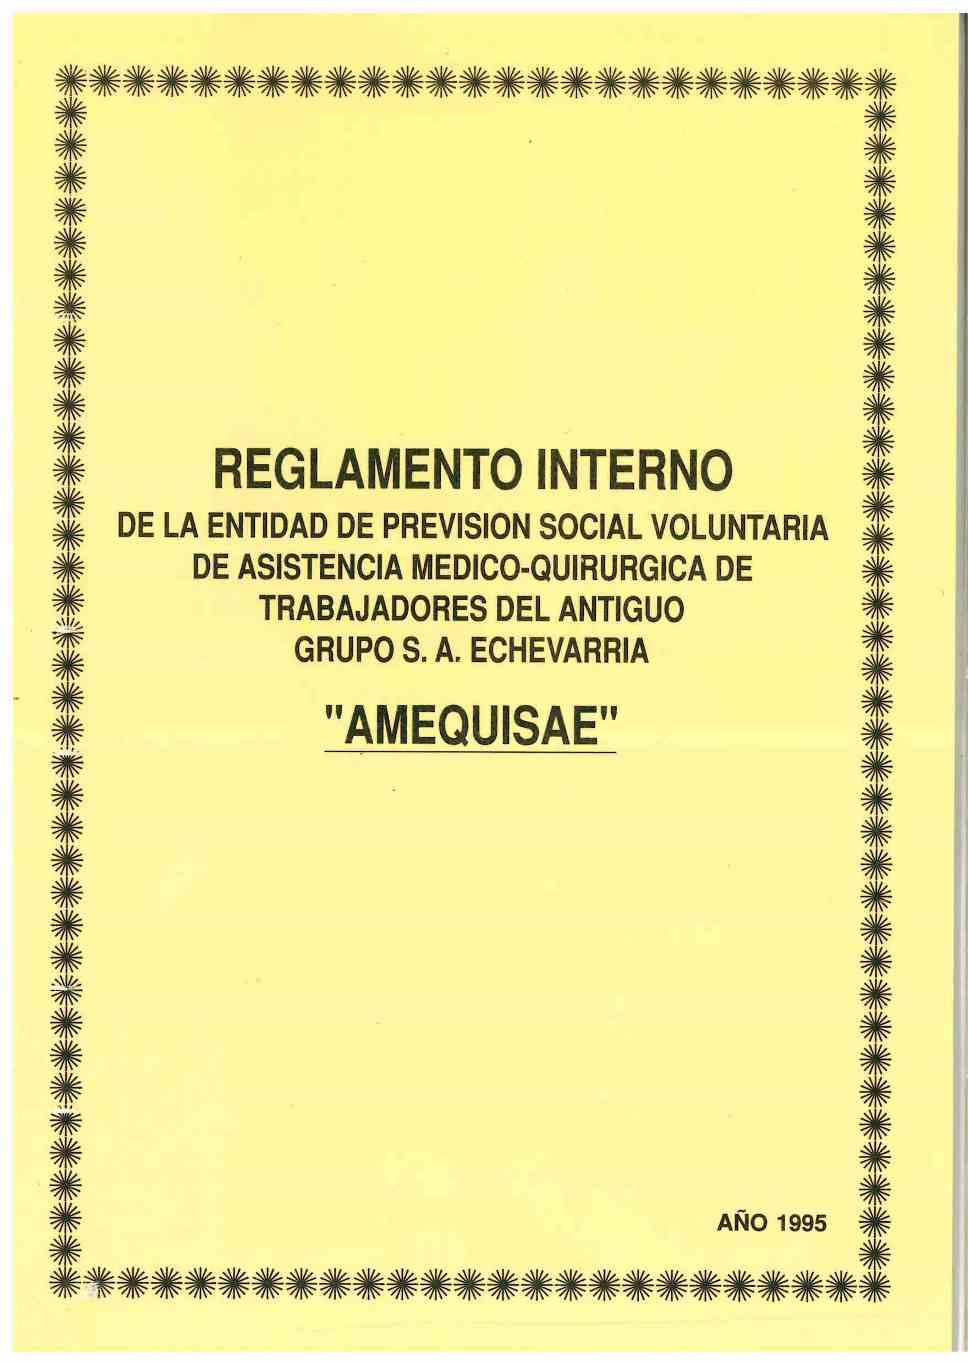 AMEQUISAE de la S.A. Echevarria